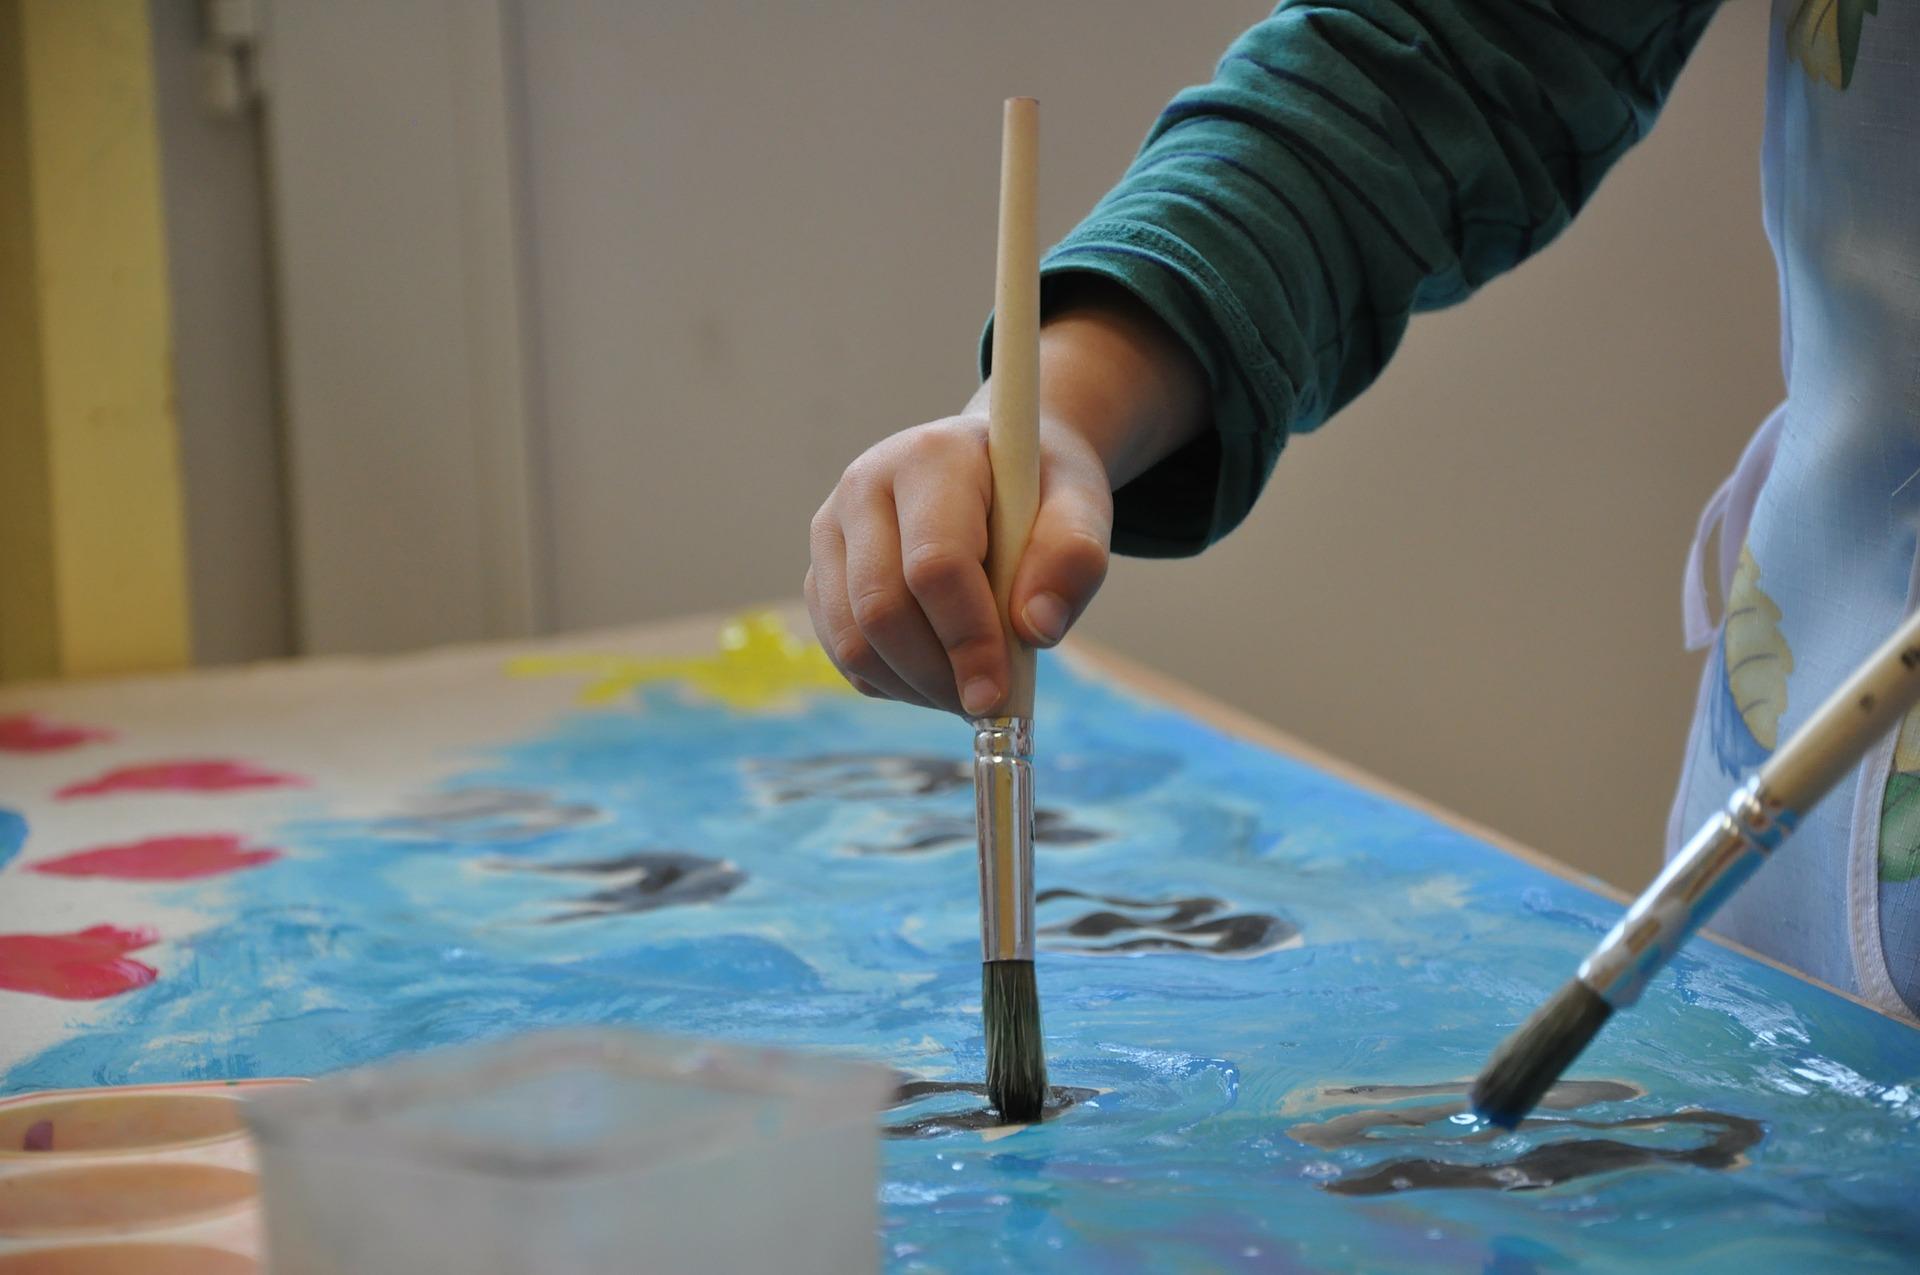 Bezpłatne zajęcia dla dzieci i młodzieży w MDK w Kolbuszowej  - Zdjęcie główne